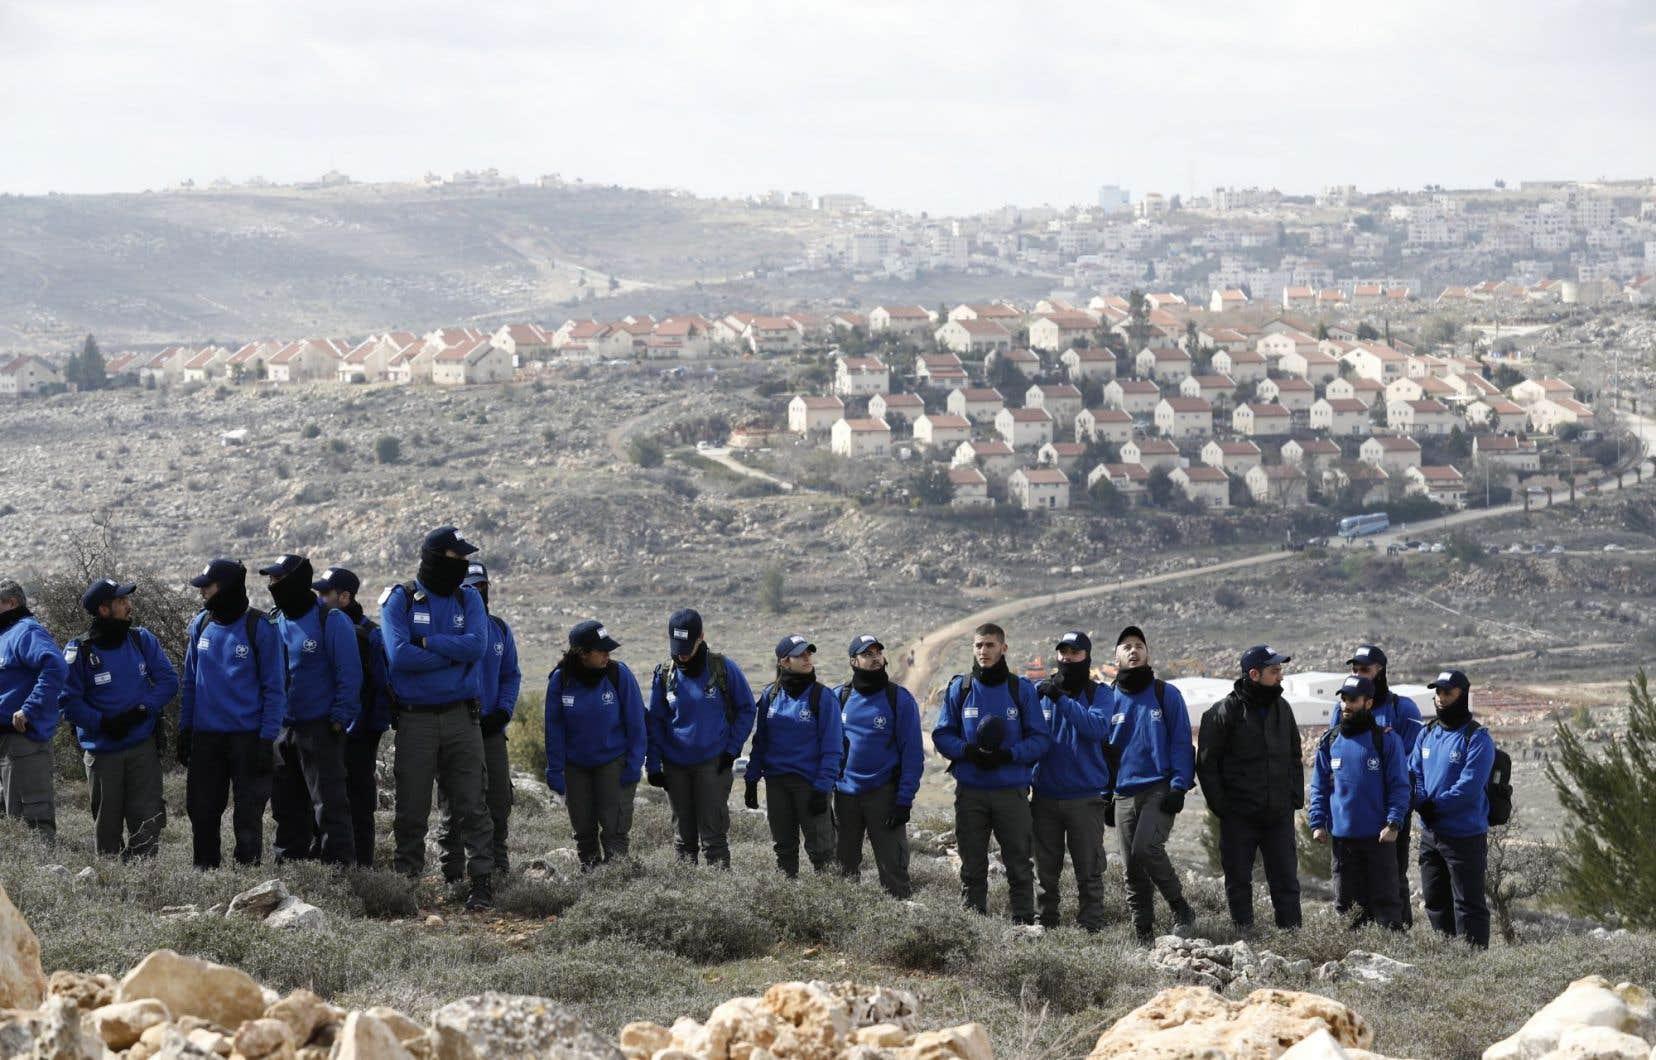 Les forces de sécurité israéliennes se rassemblent à Amona alors qu'elles se préparent à expulser les occupants juifs de l'avant-poste des colonies «sauvages».